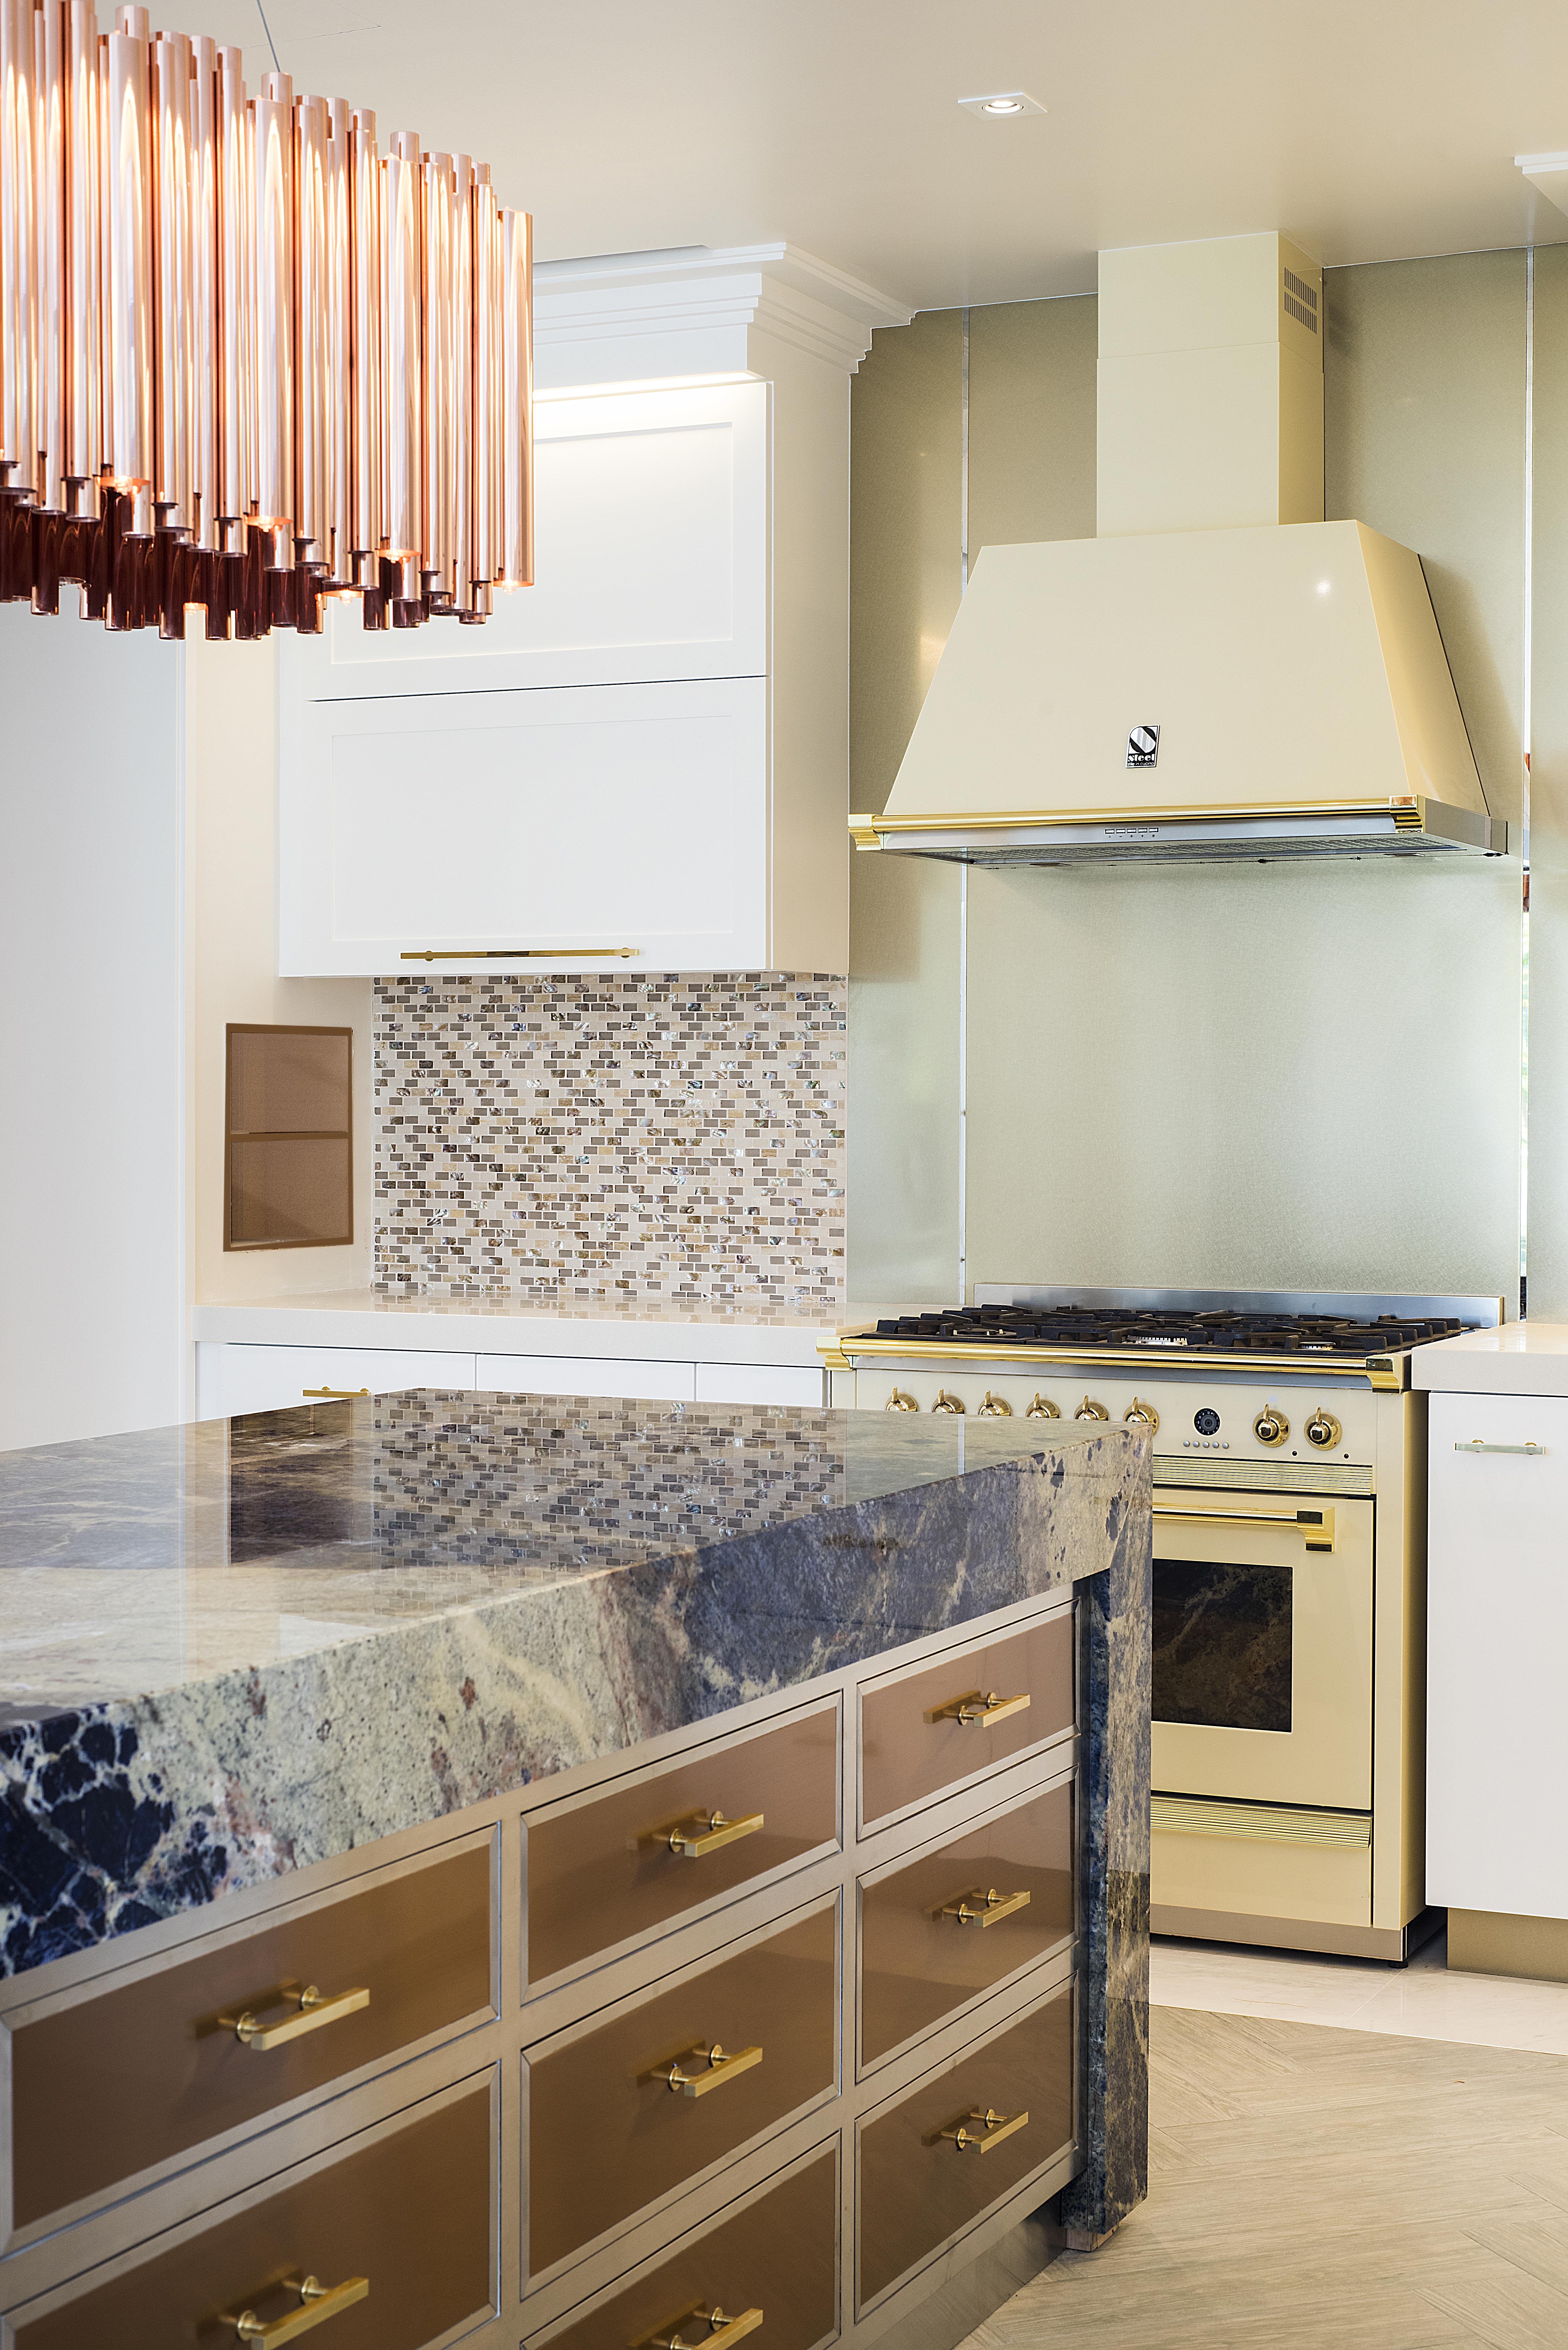 Kelly Hoppen Kitchen Designs Awards Achievements Design Intervention